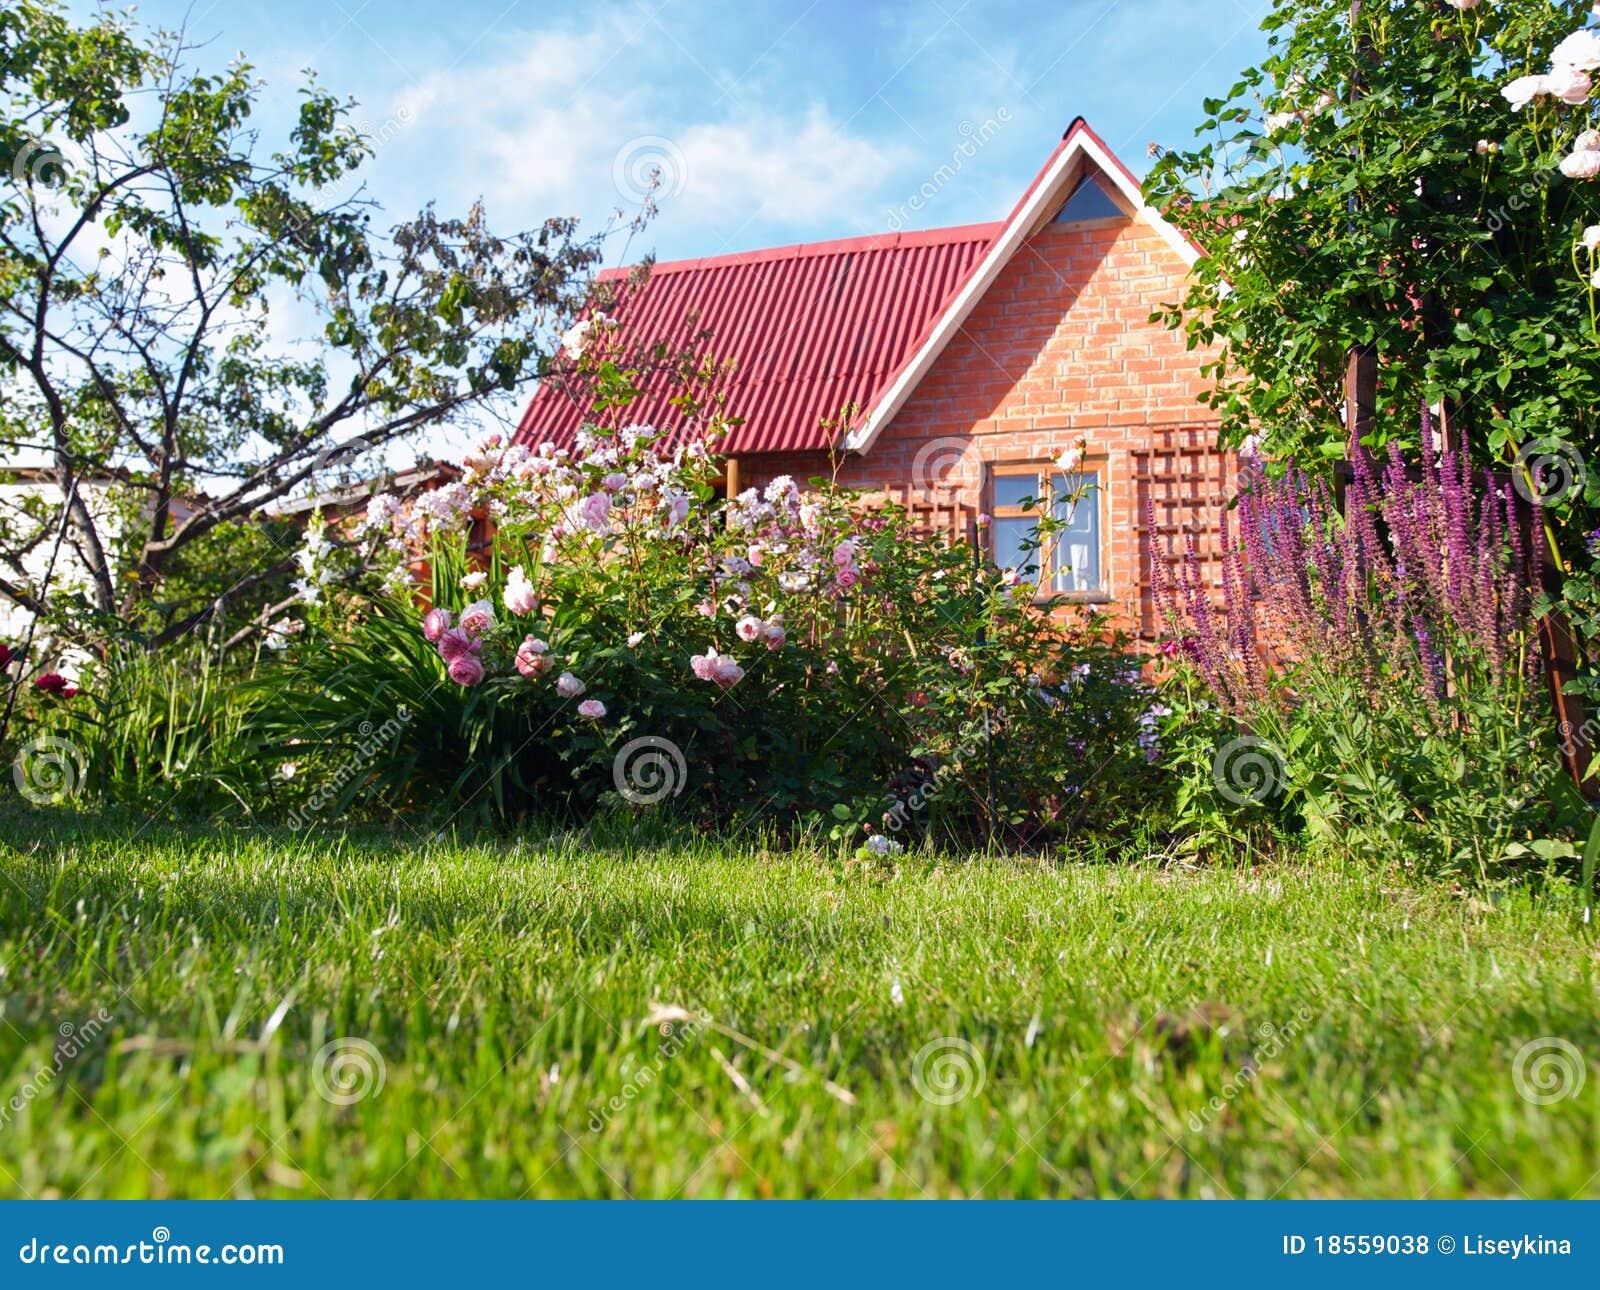 Kleines Haus In Einem Blumengarten Stockfoto - Bild von häuschen ...